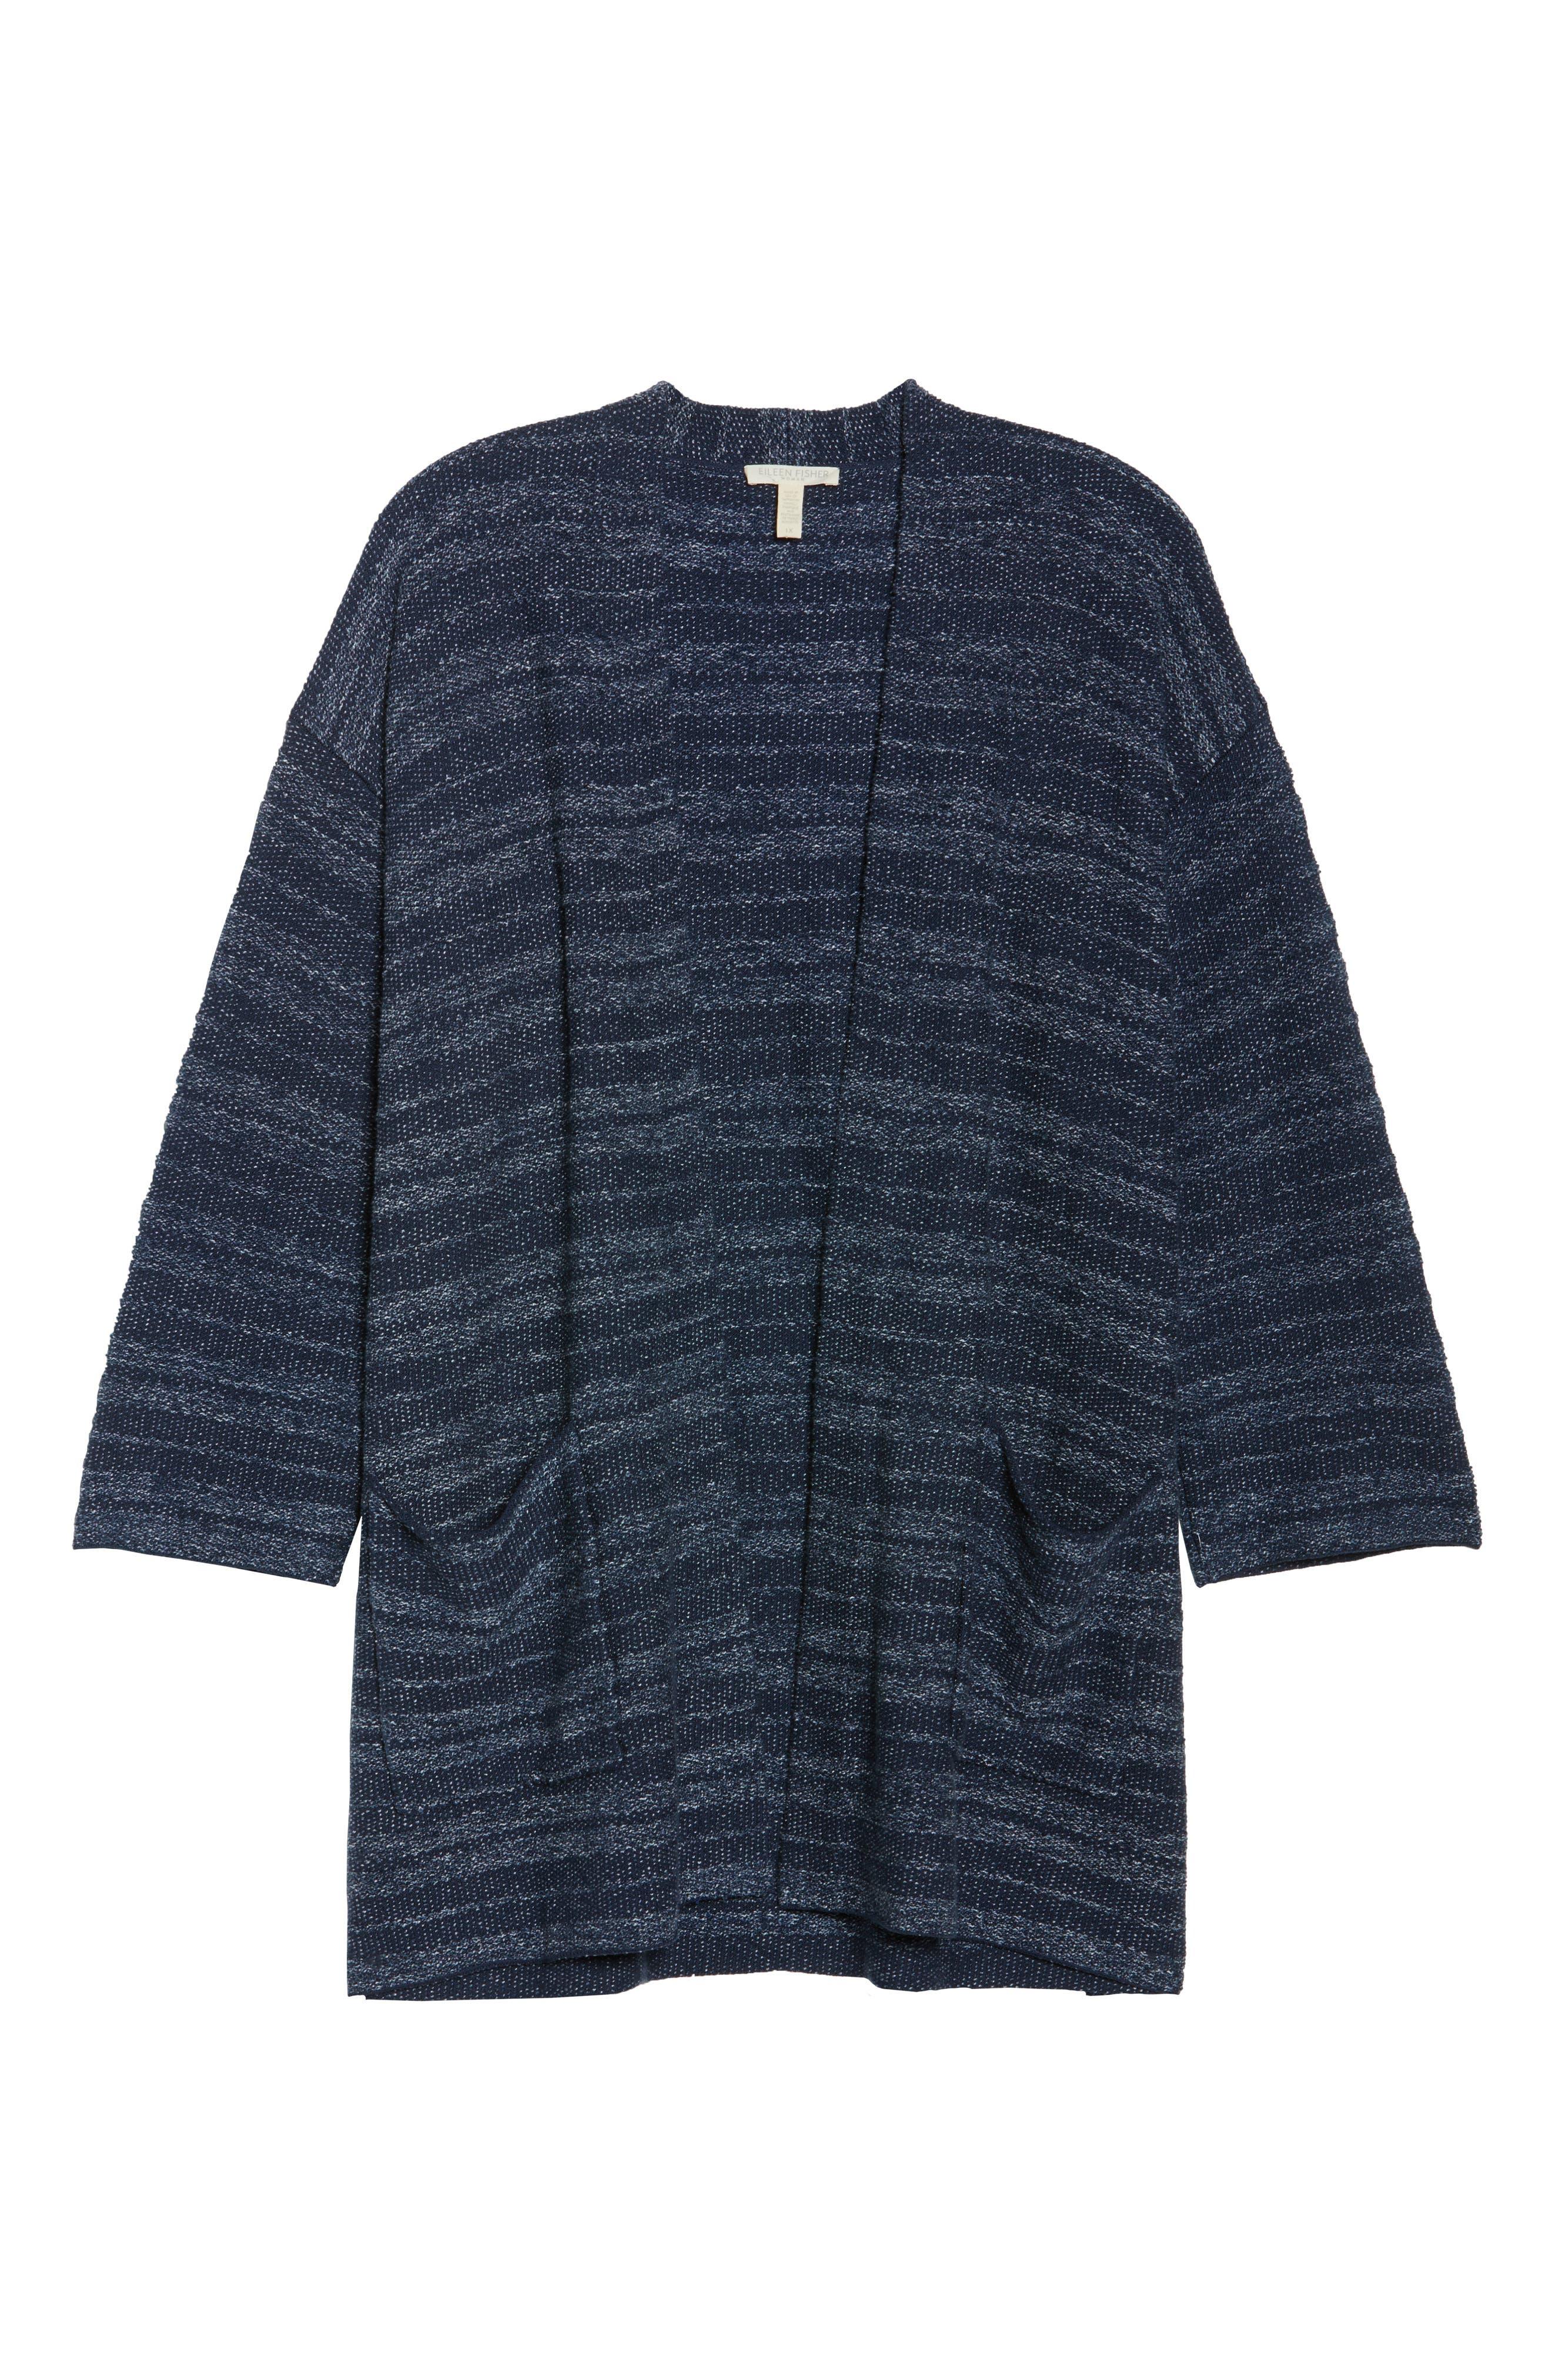 Kimono Cardigan,                             Alternate thumbnail 7, color,                             Denim